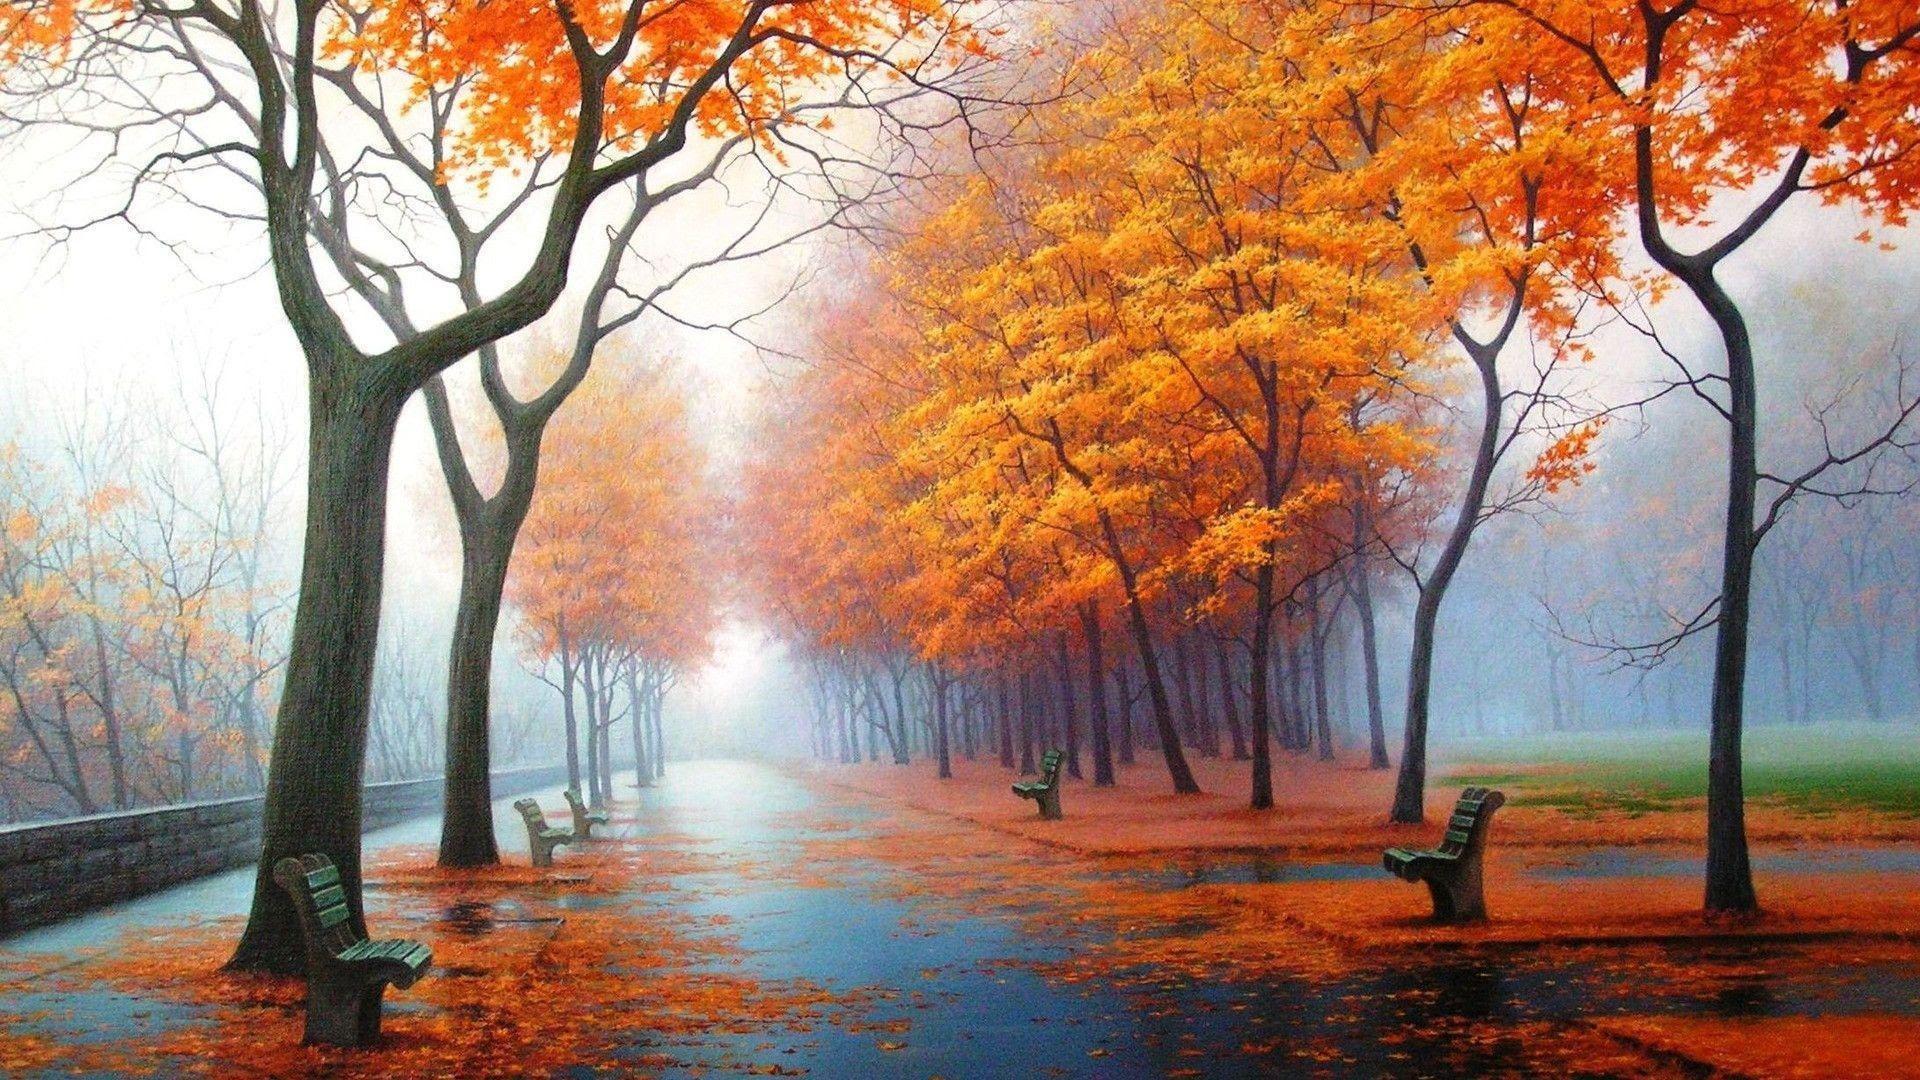 雨上がりの秋の風景 スマホの待ち受け画面やpcの壁紙に使える秋の